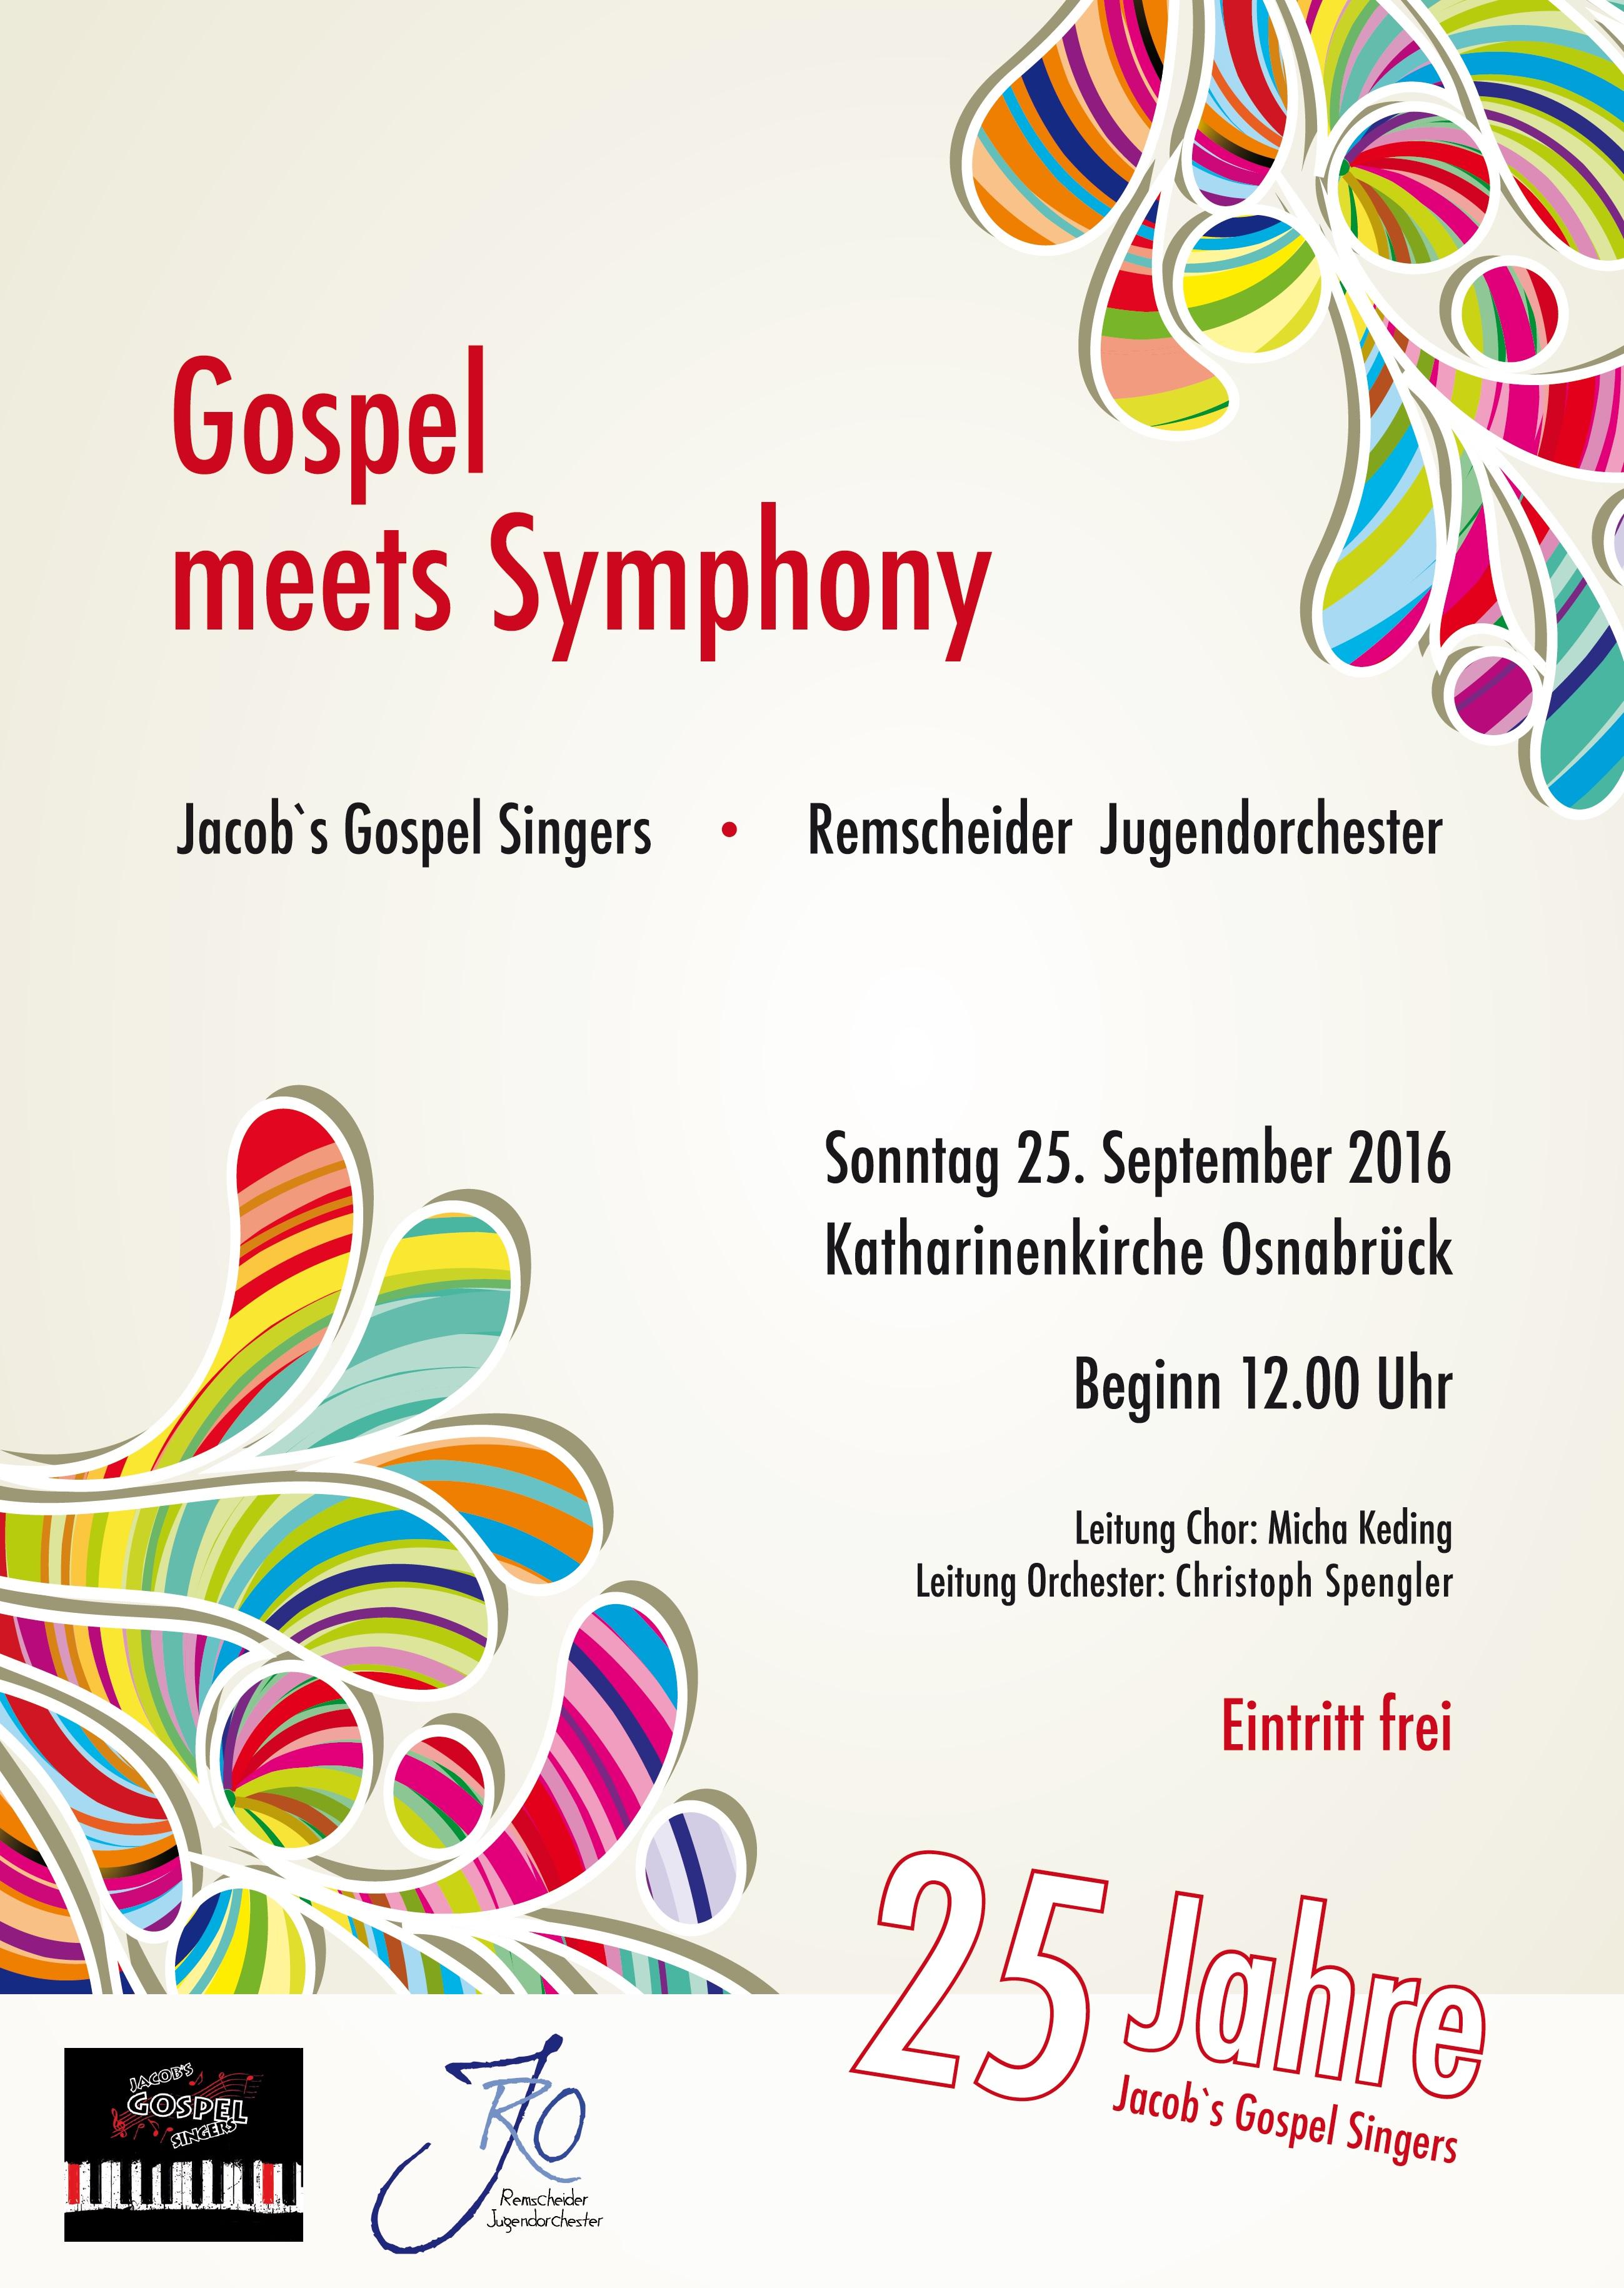 Gospelkonzert 25.9. Kathi OS